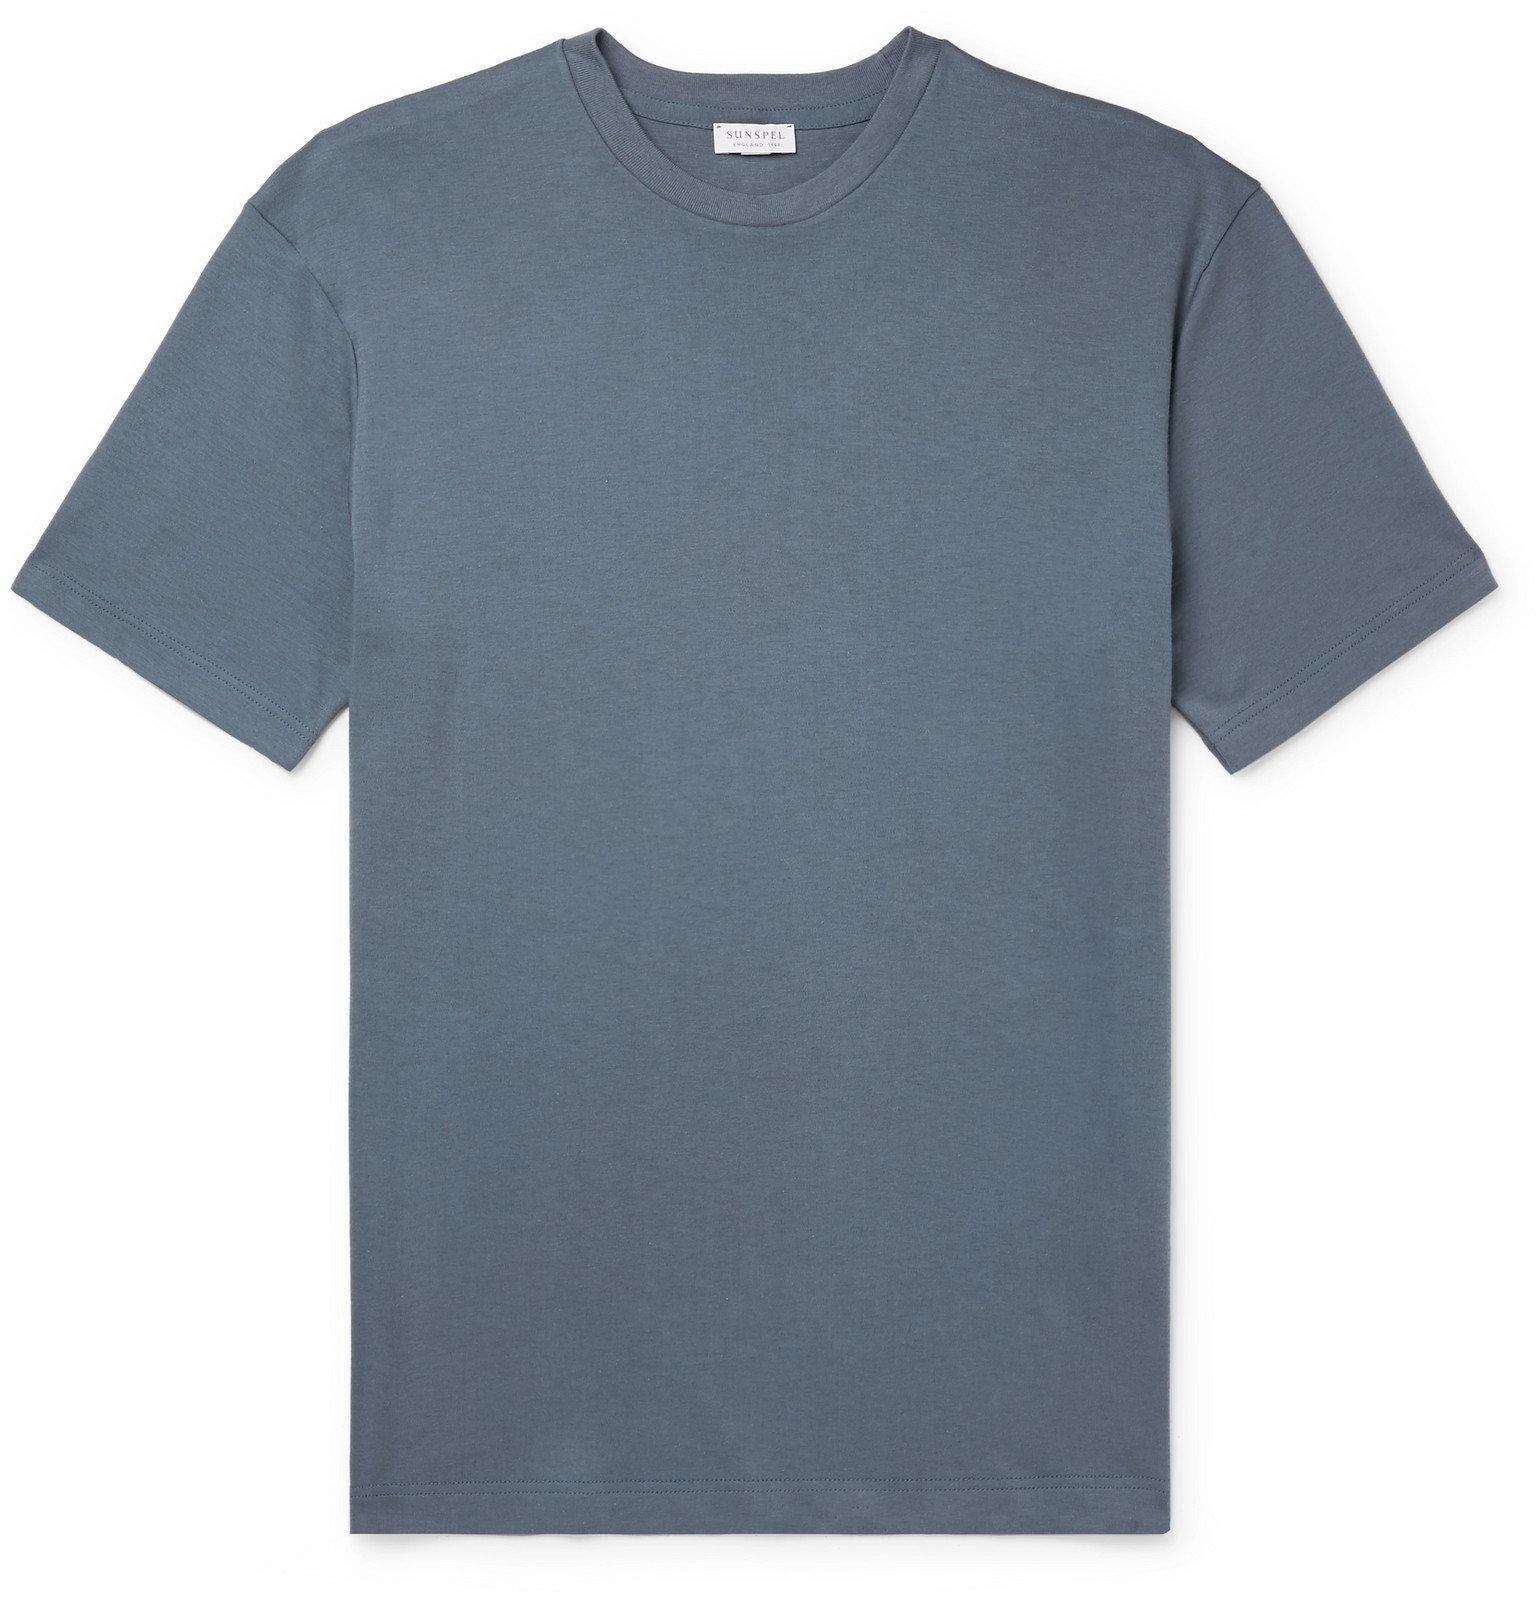 Sunspel - Cavendish Cotton-Jersey T-Shirt - Blue